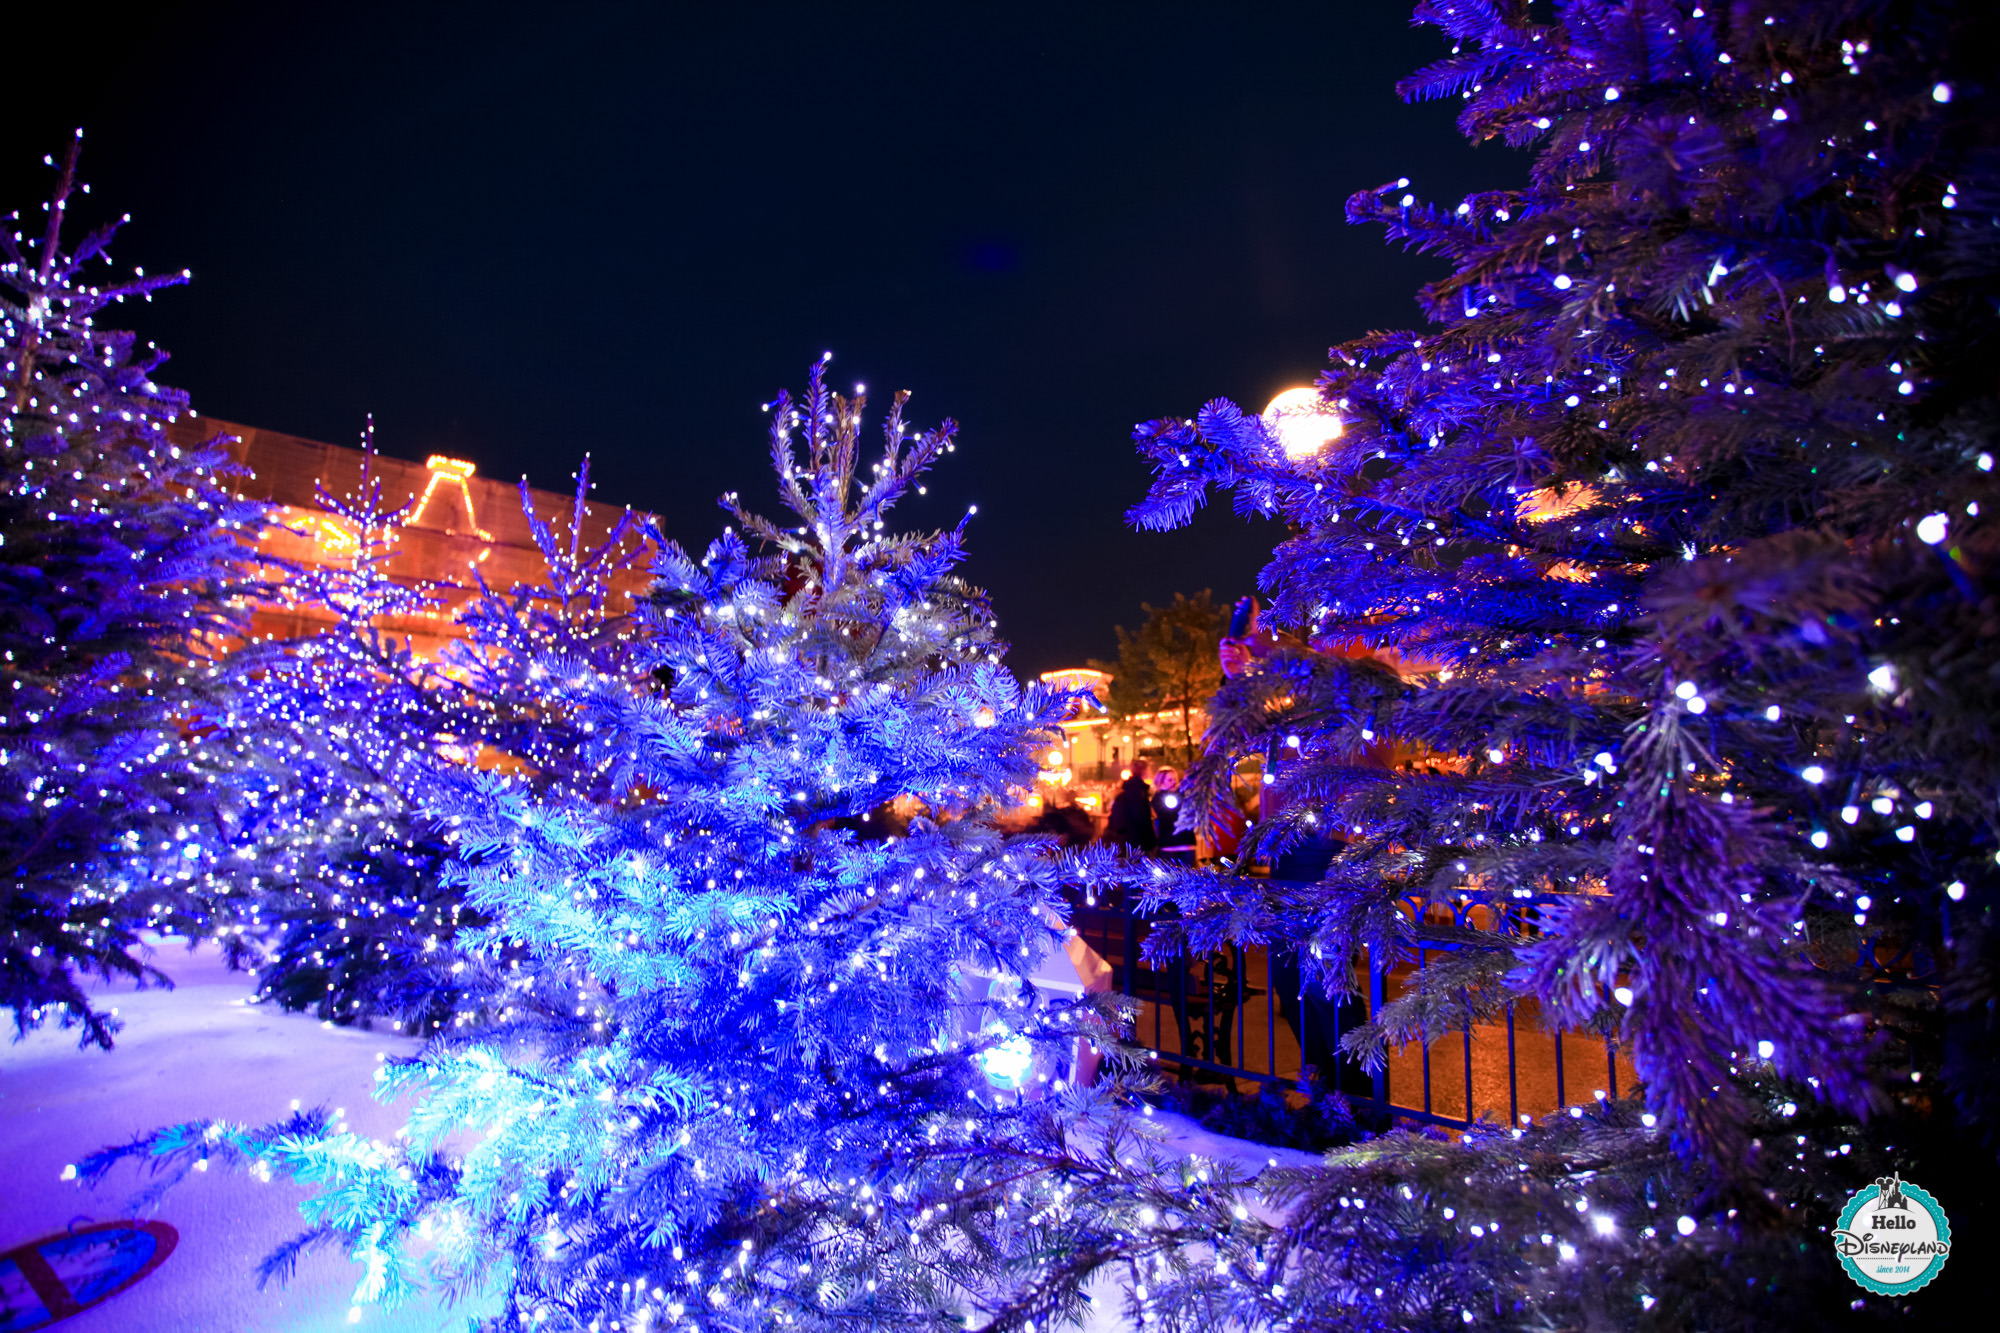 Noel Christmas 2015 - Disneyland Paris